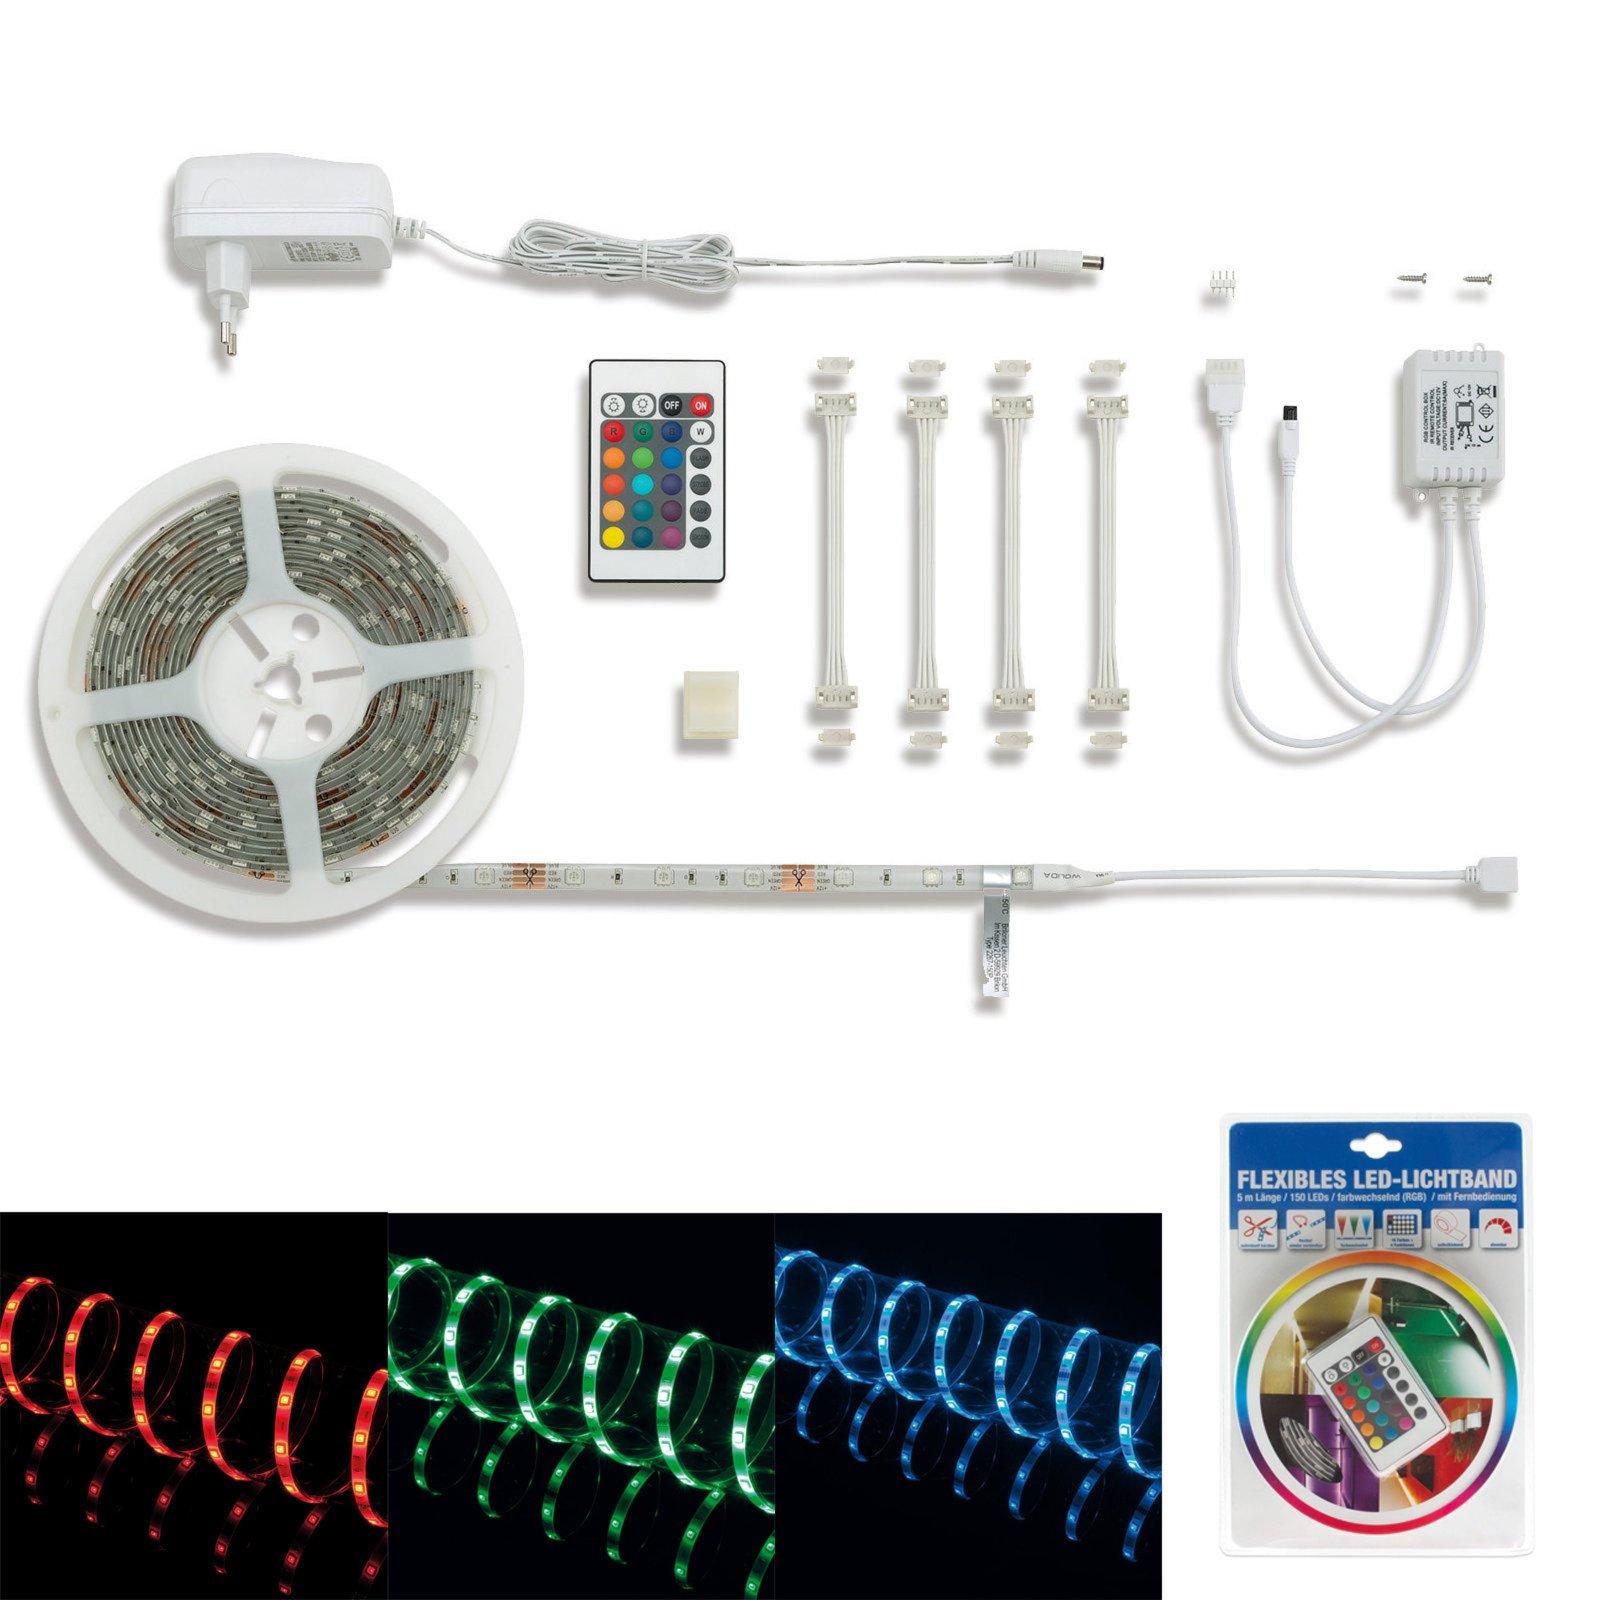 led lichtband 16 farben mit fernbedienung 5 meter wohnwand zubeh r wohnzimmer. Black Bedroom Furniture Sets. Home Design Ideas